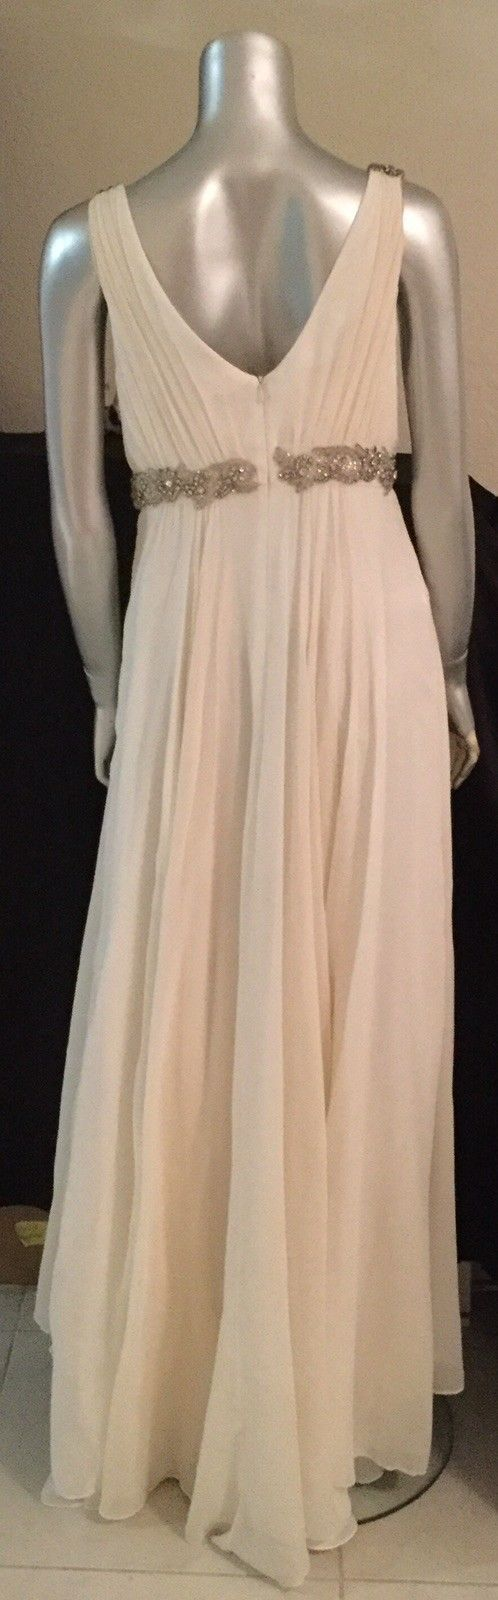 Marchesa Notte Gown Wedding Dress 100%Silk Ivory w Diamond Silver Beaded Sz 8